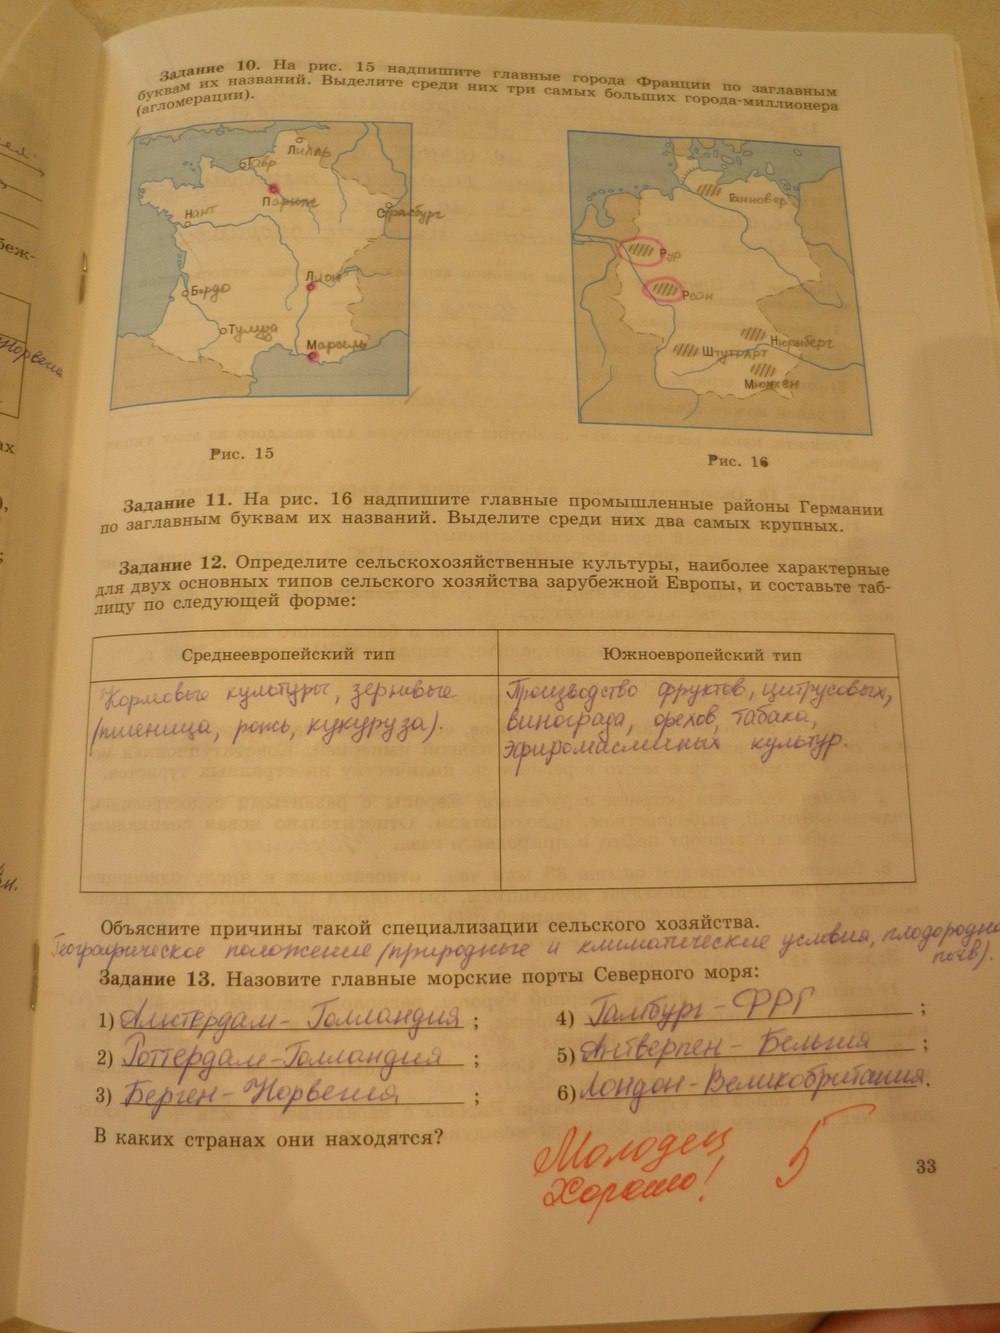 10 максаковский география географии п гдз 10 по в